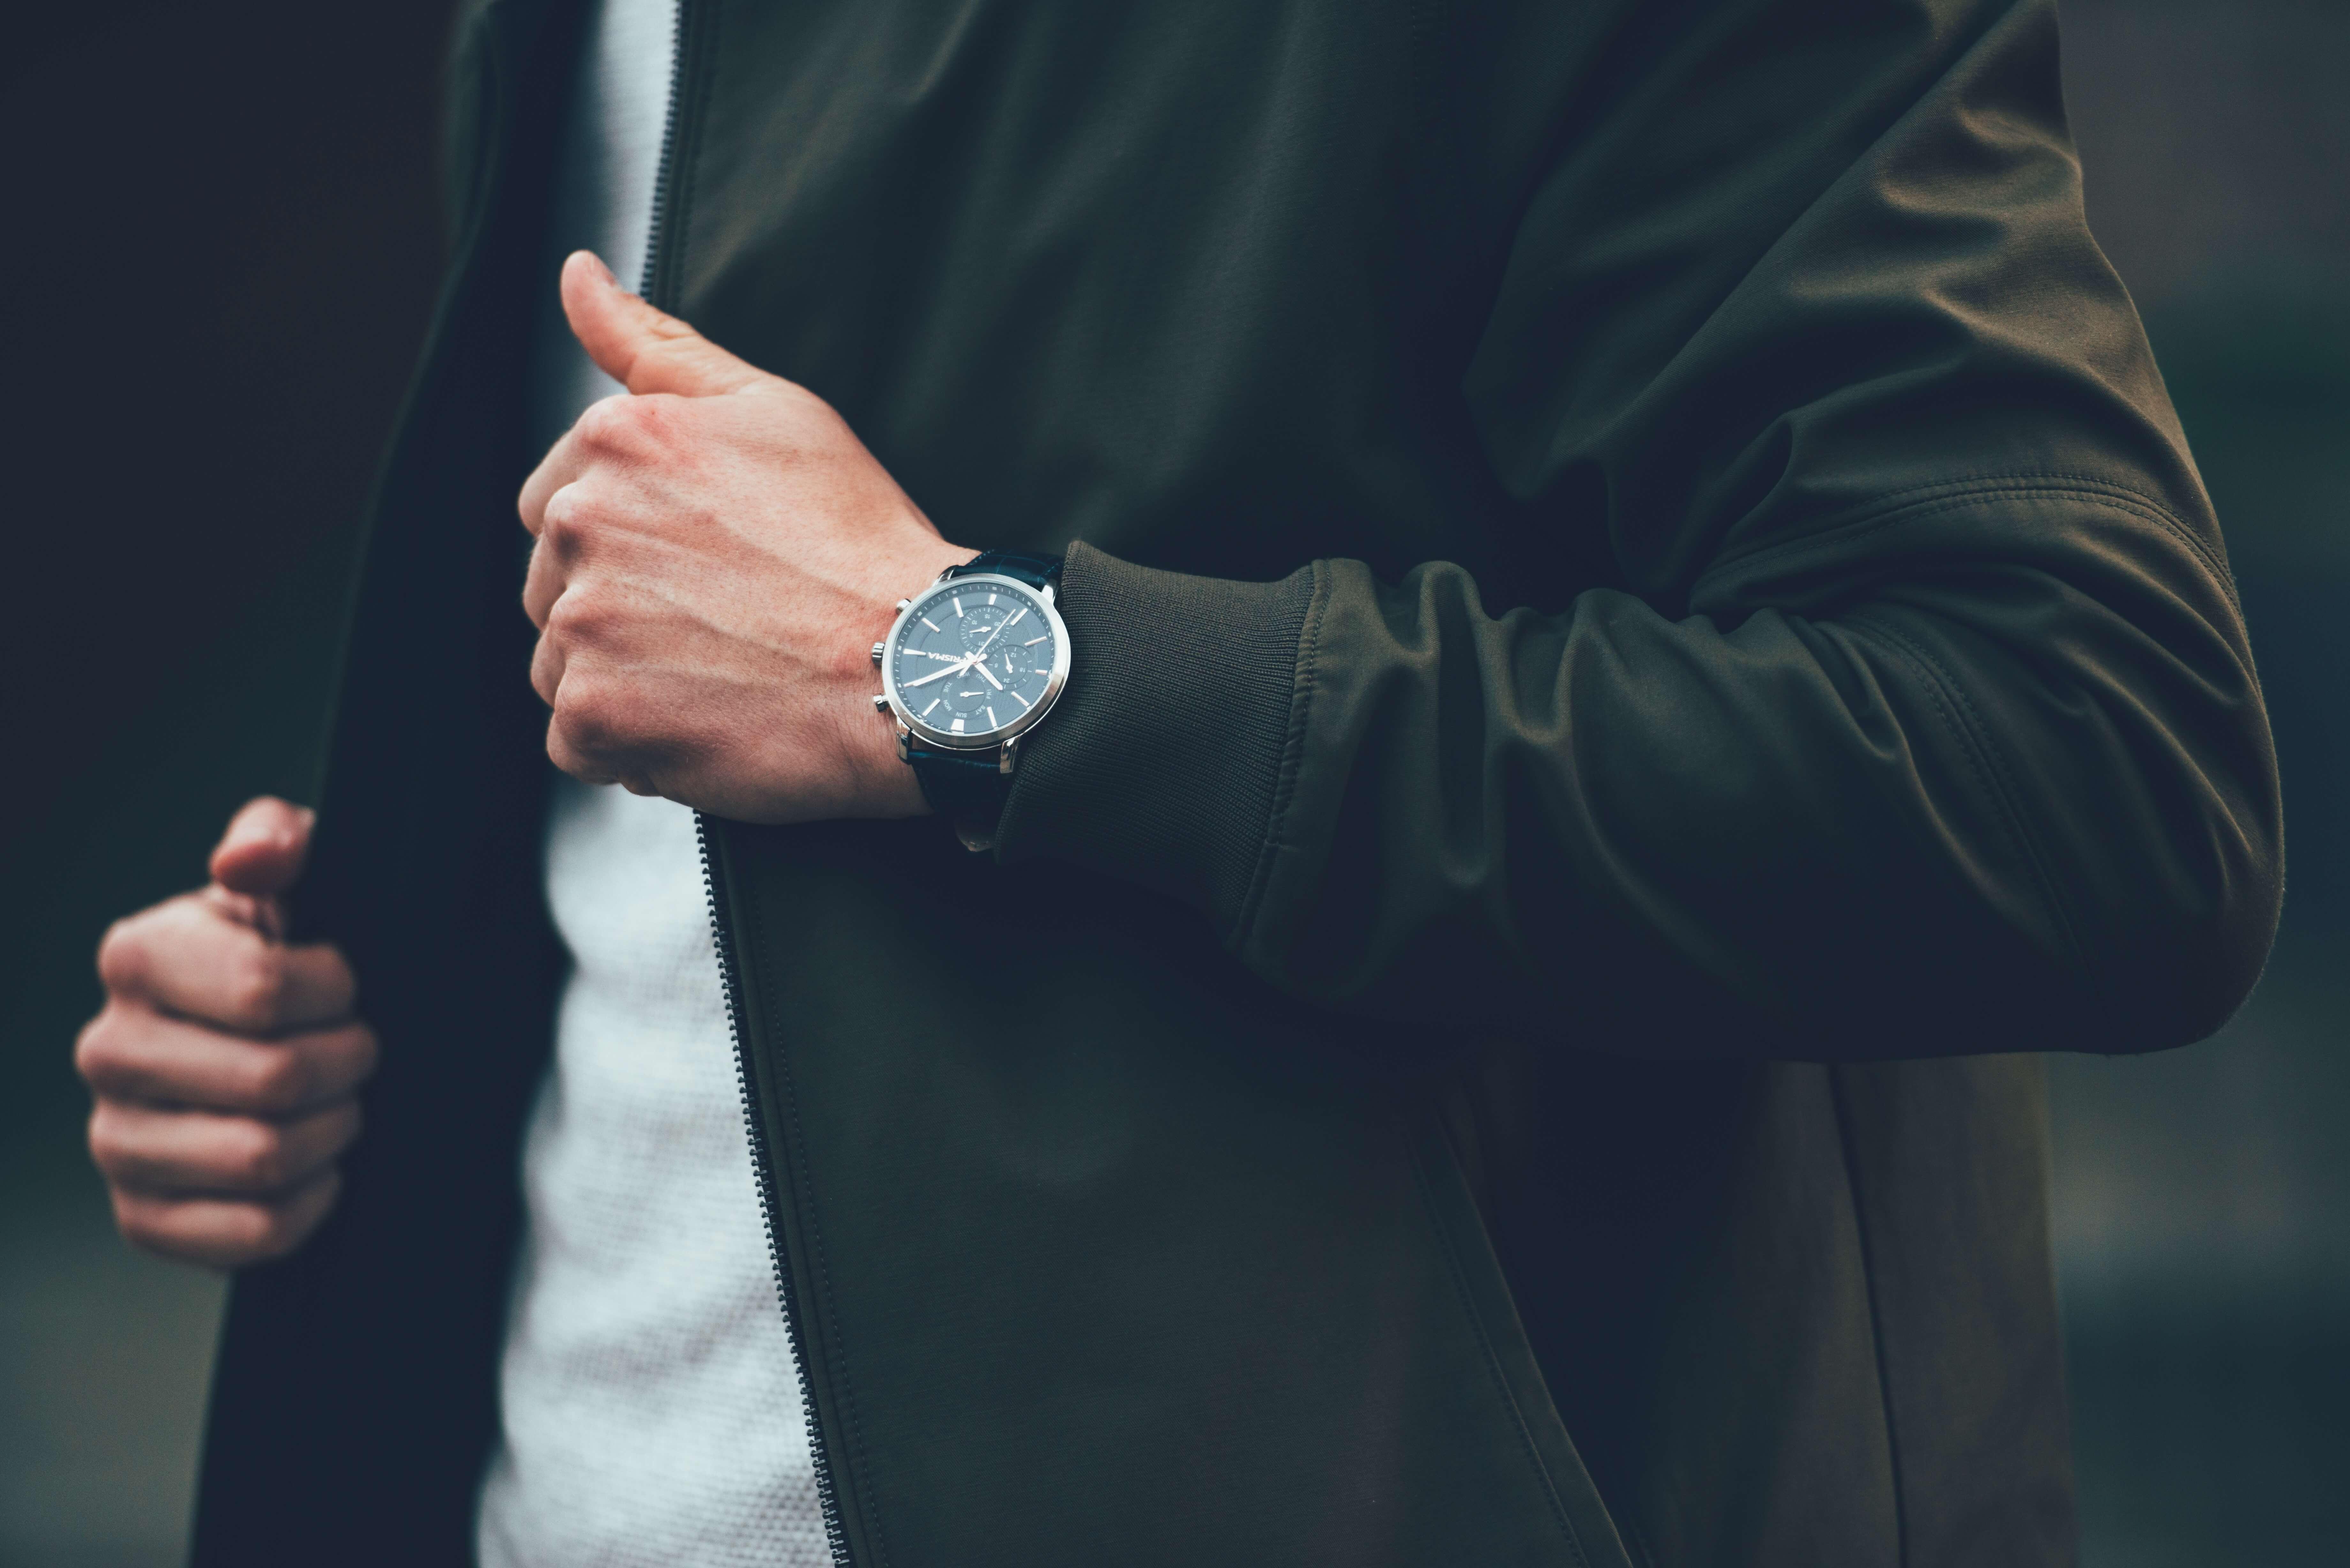 Montre à ressort au poignet d'un homme